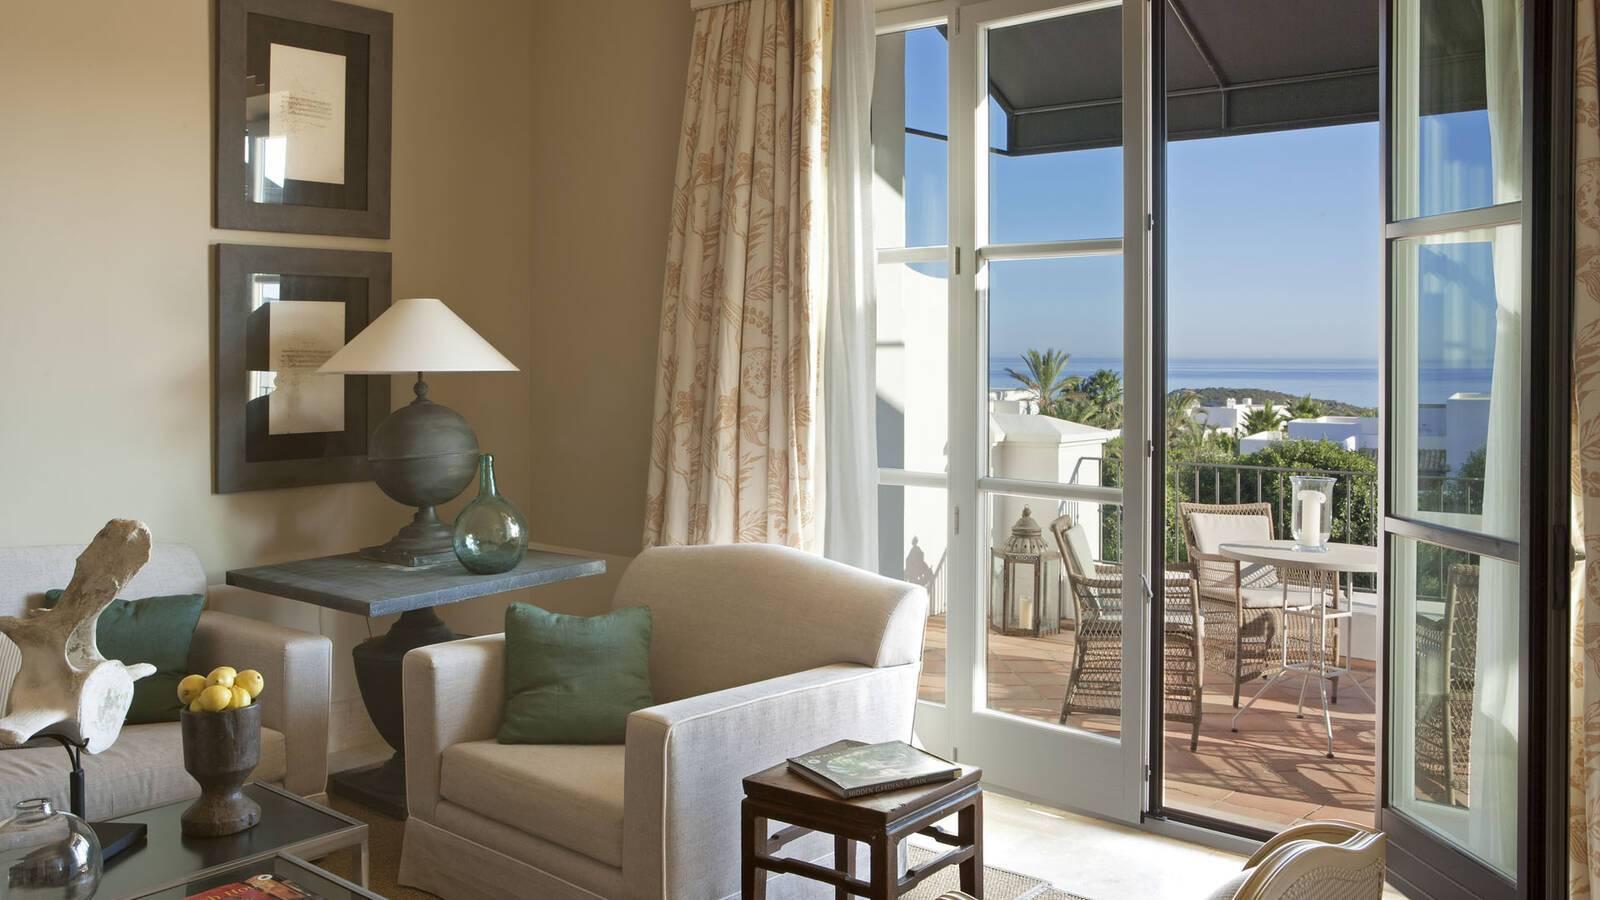 Finca Cortesin Marbella Suite Vue